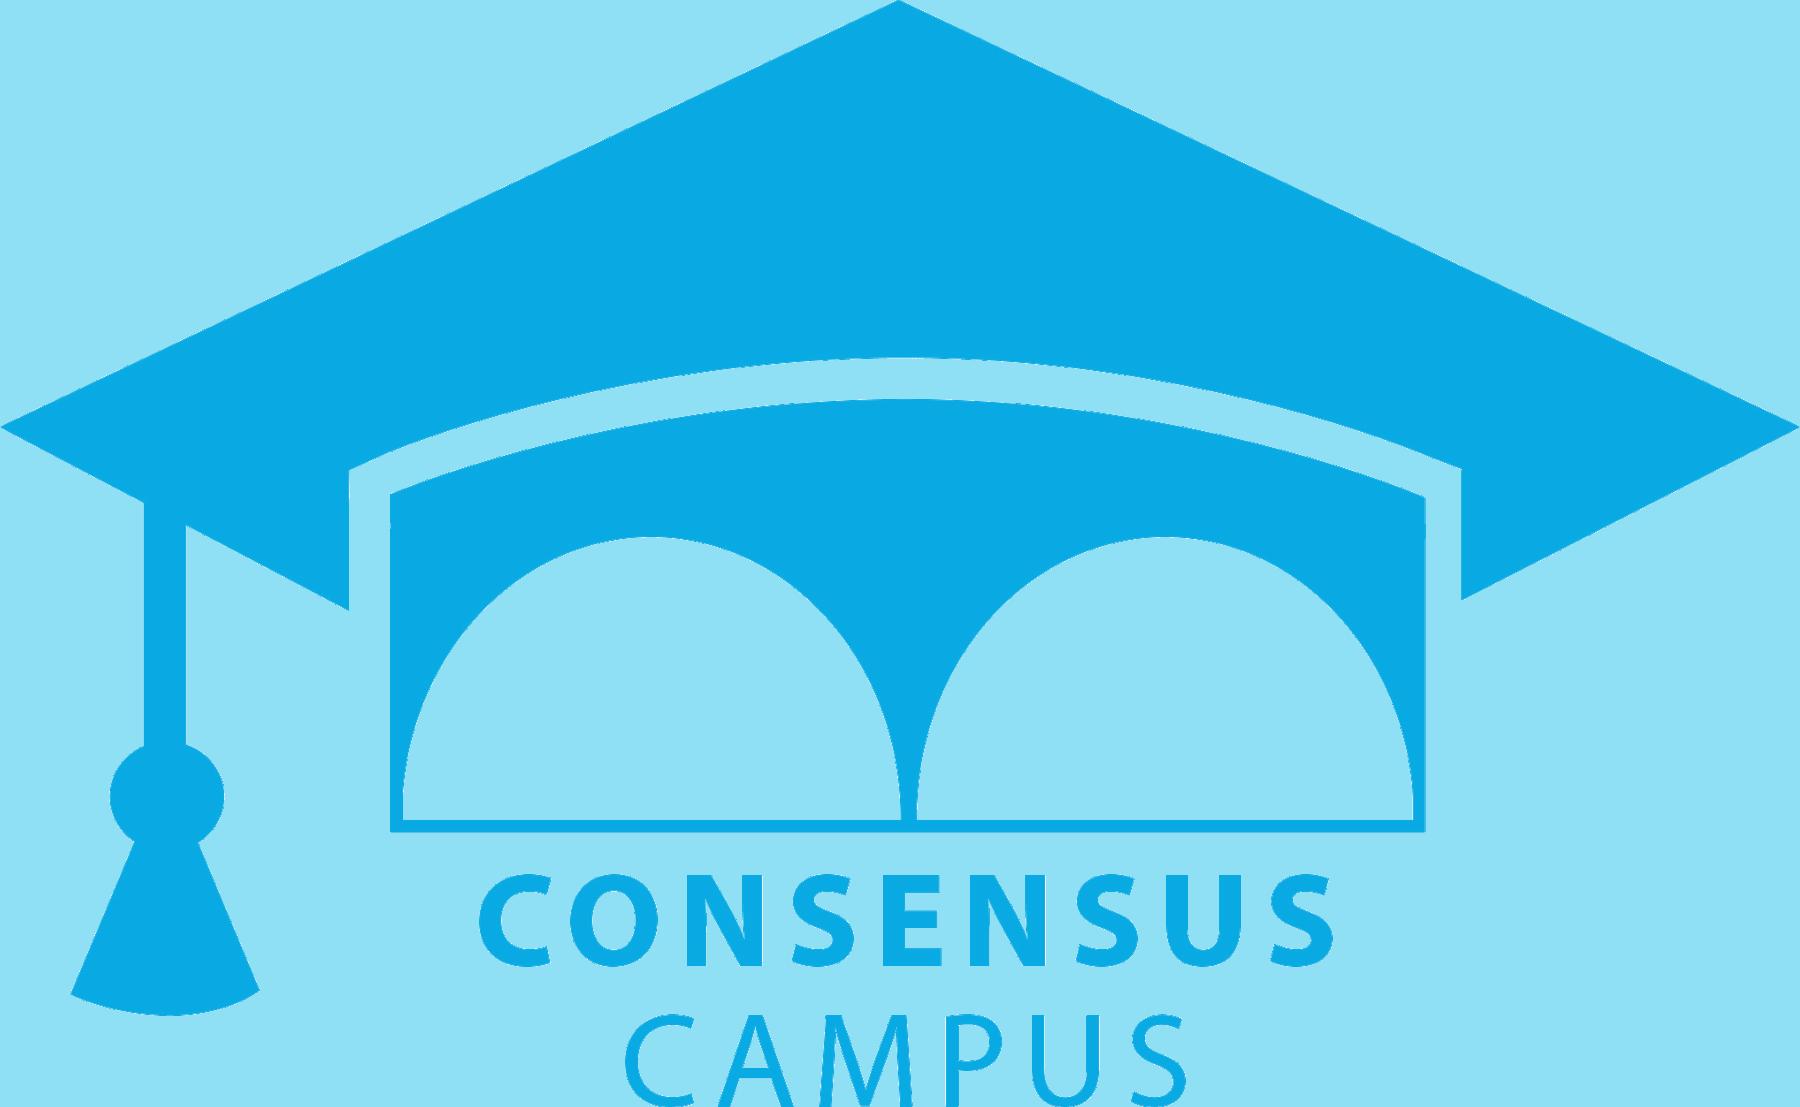 Consensus Campus